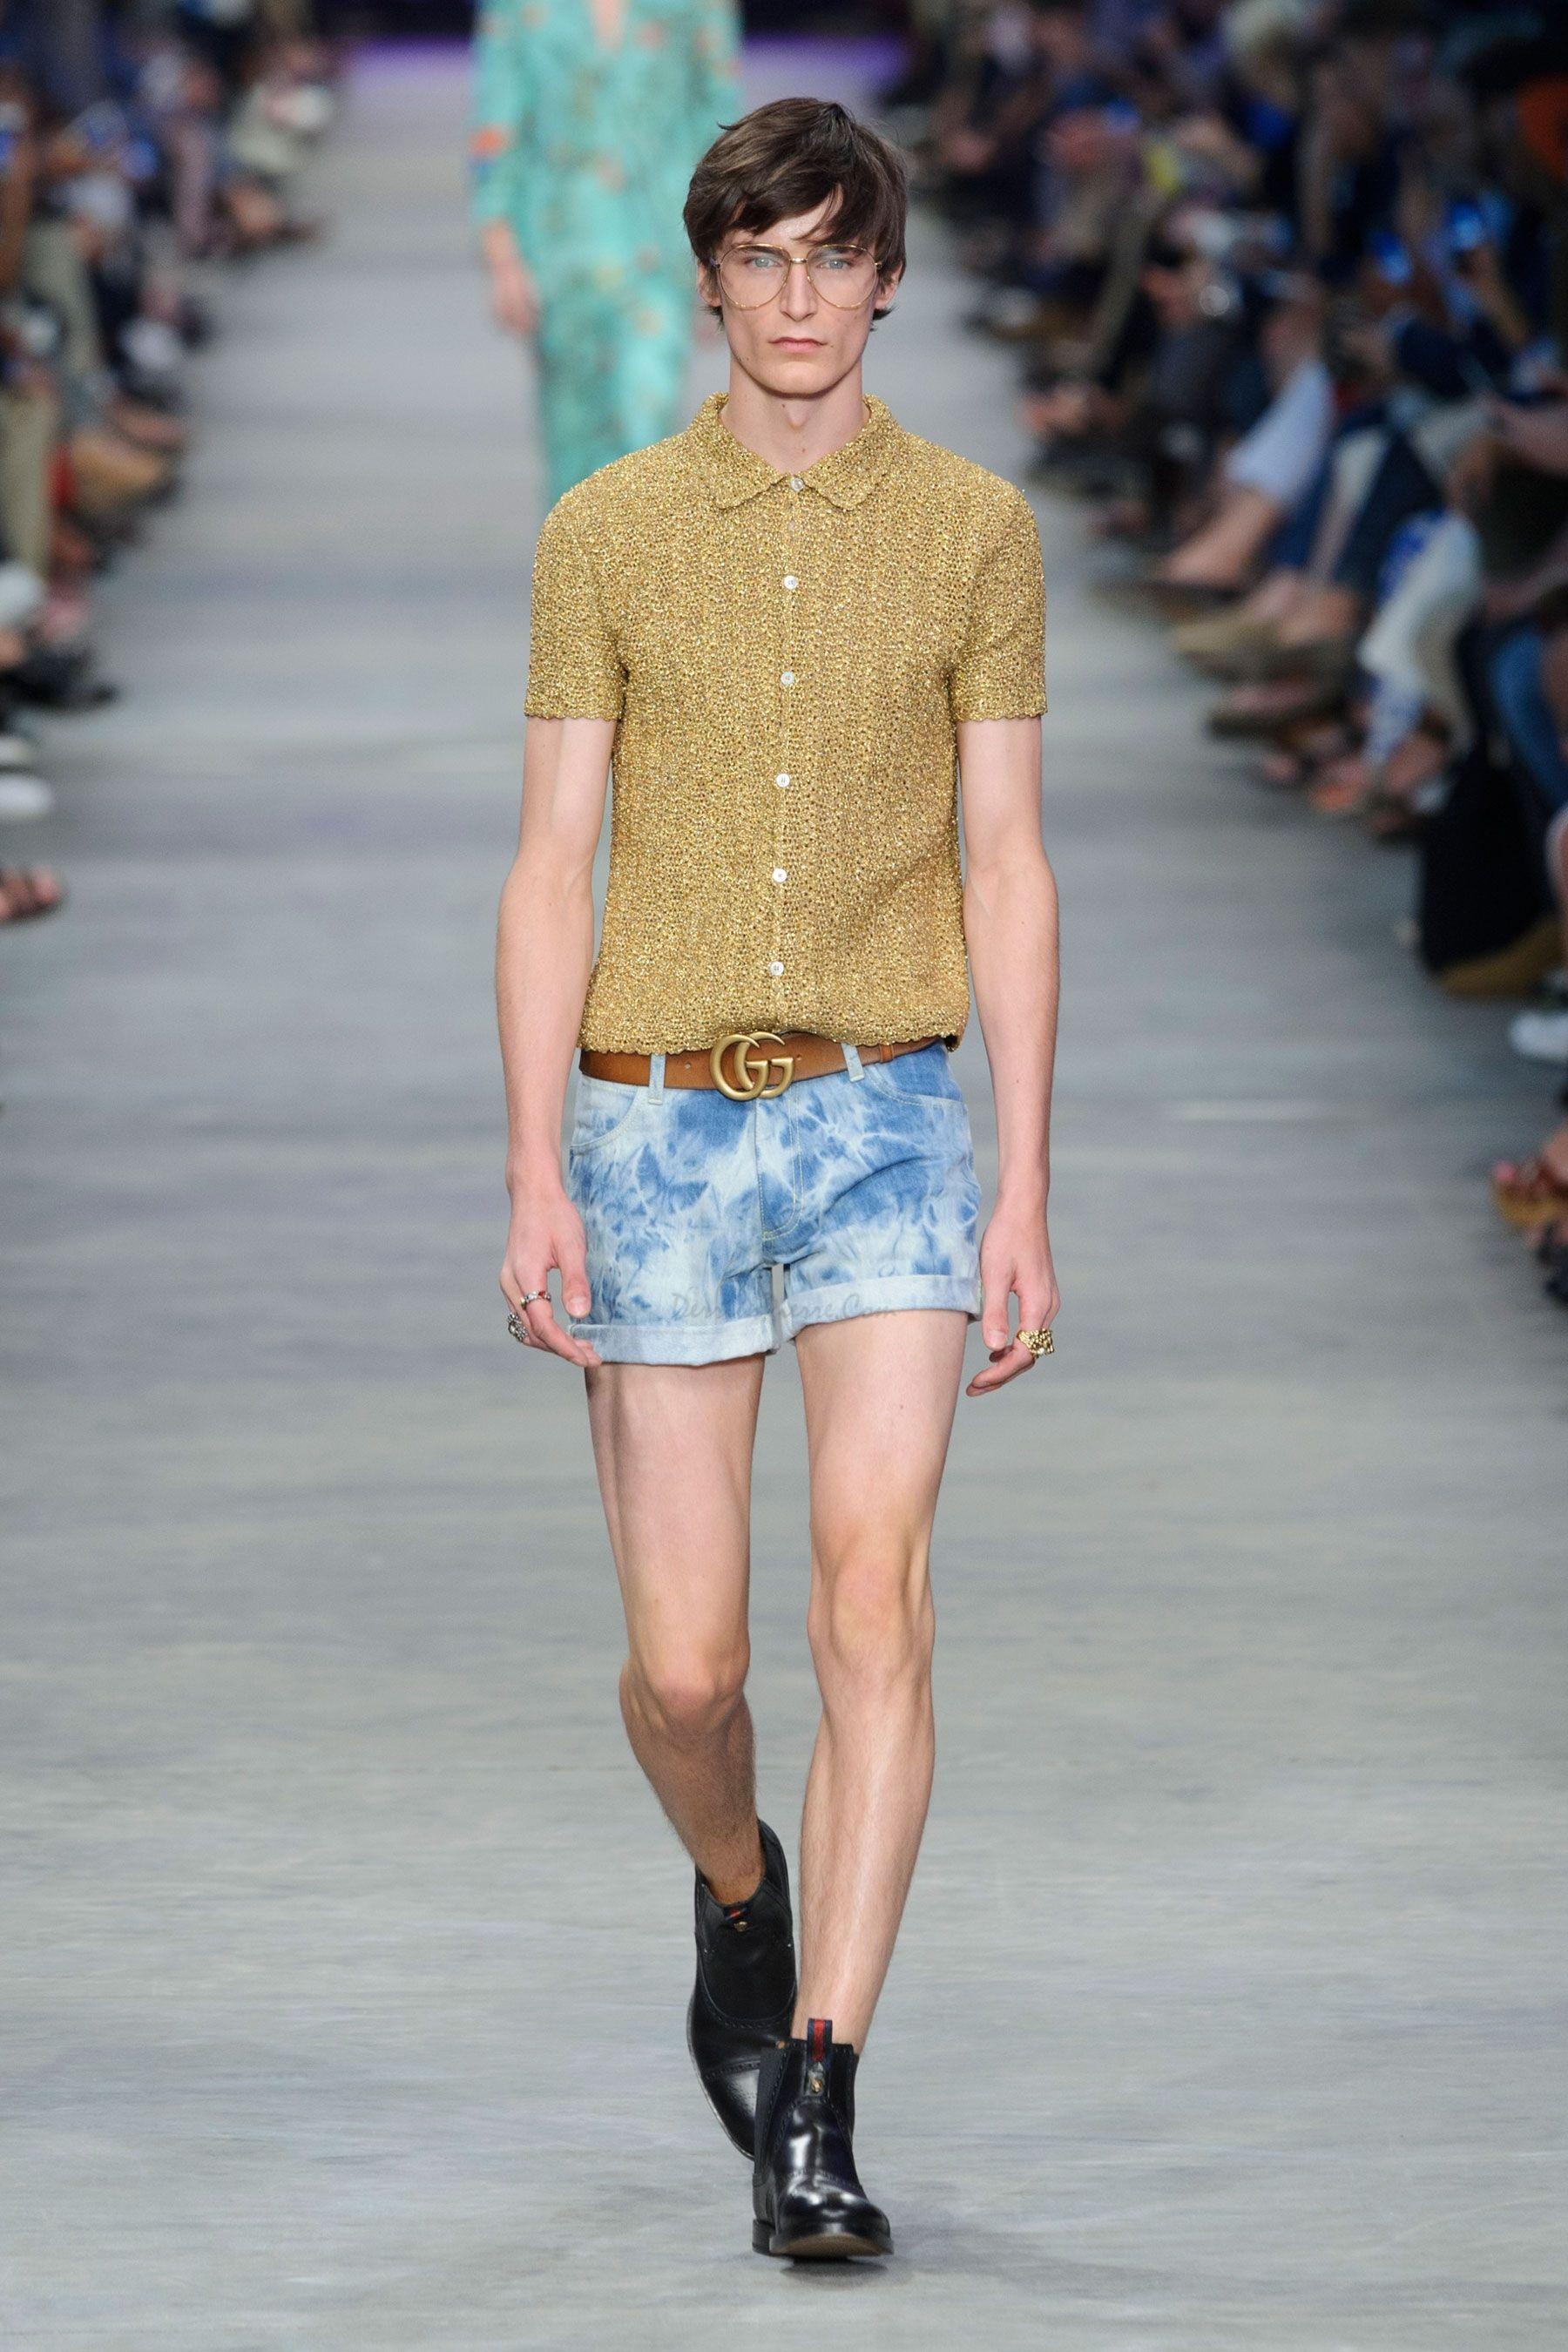 Gucci Spring Summer 2016 Primavera Verano #Menswear #Trends #Tendencias #Moda Hombre - Milan Fashion Week - D.P.